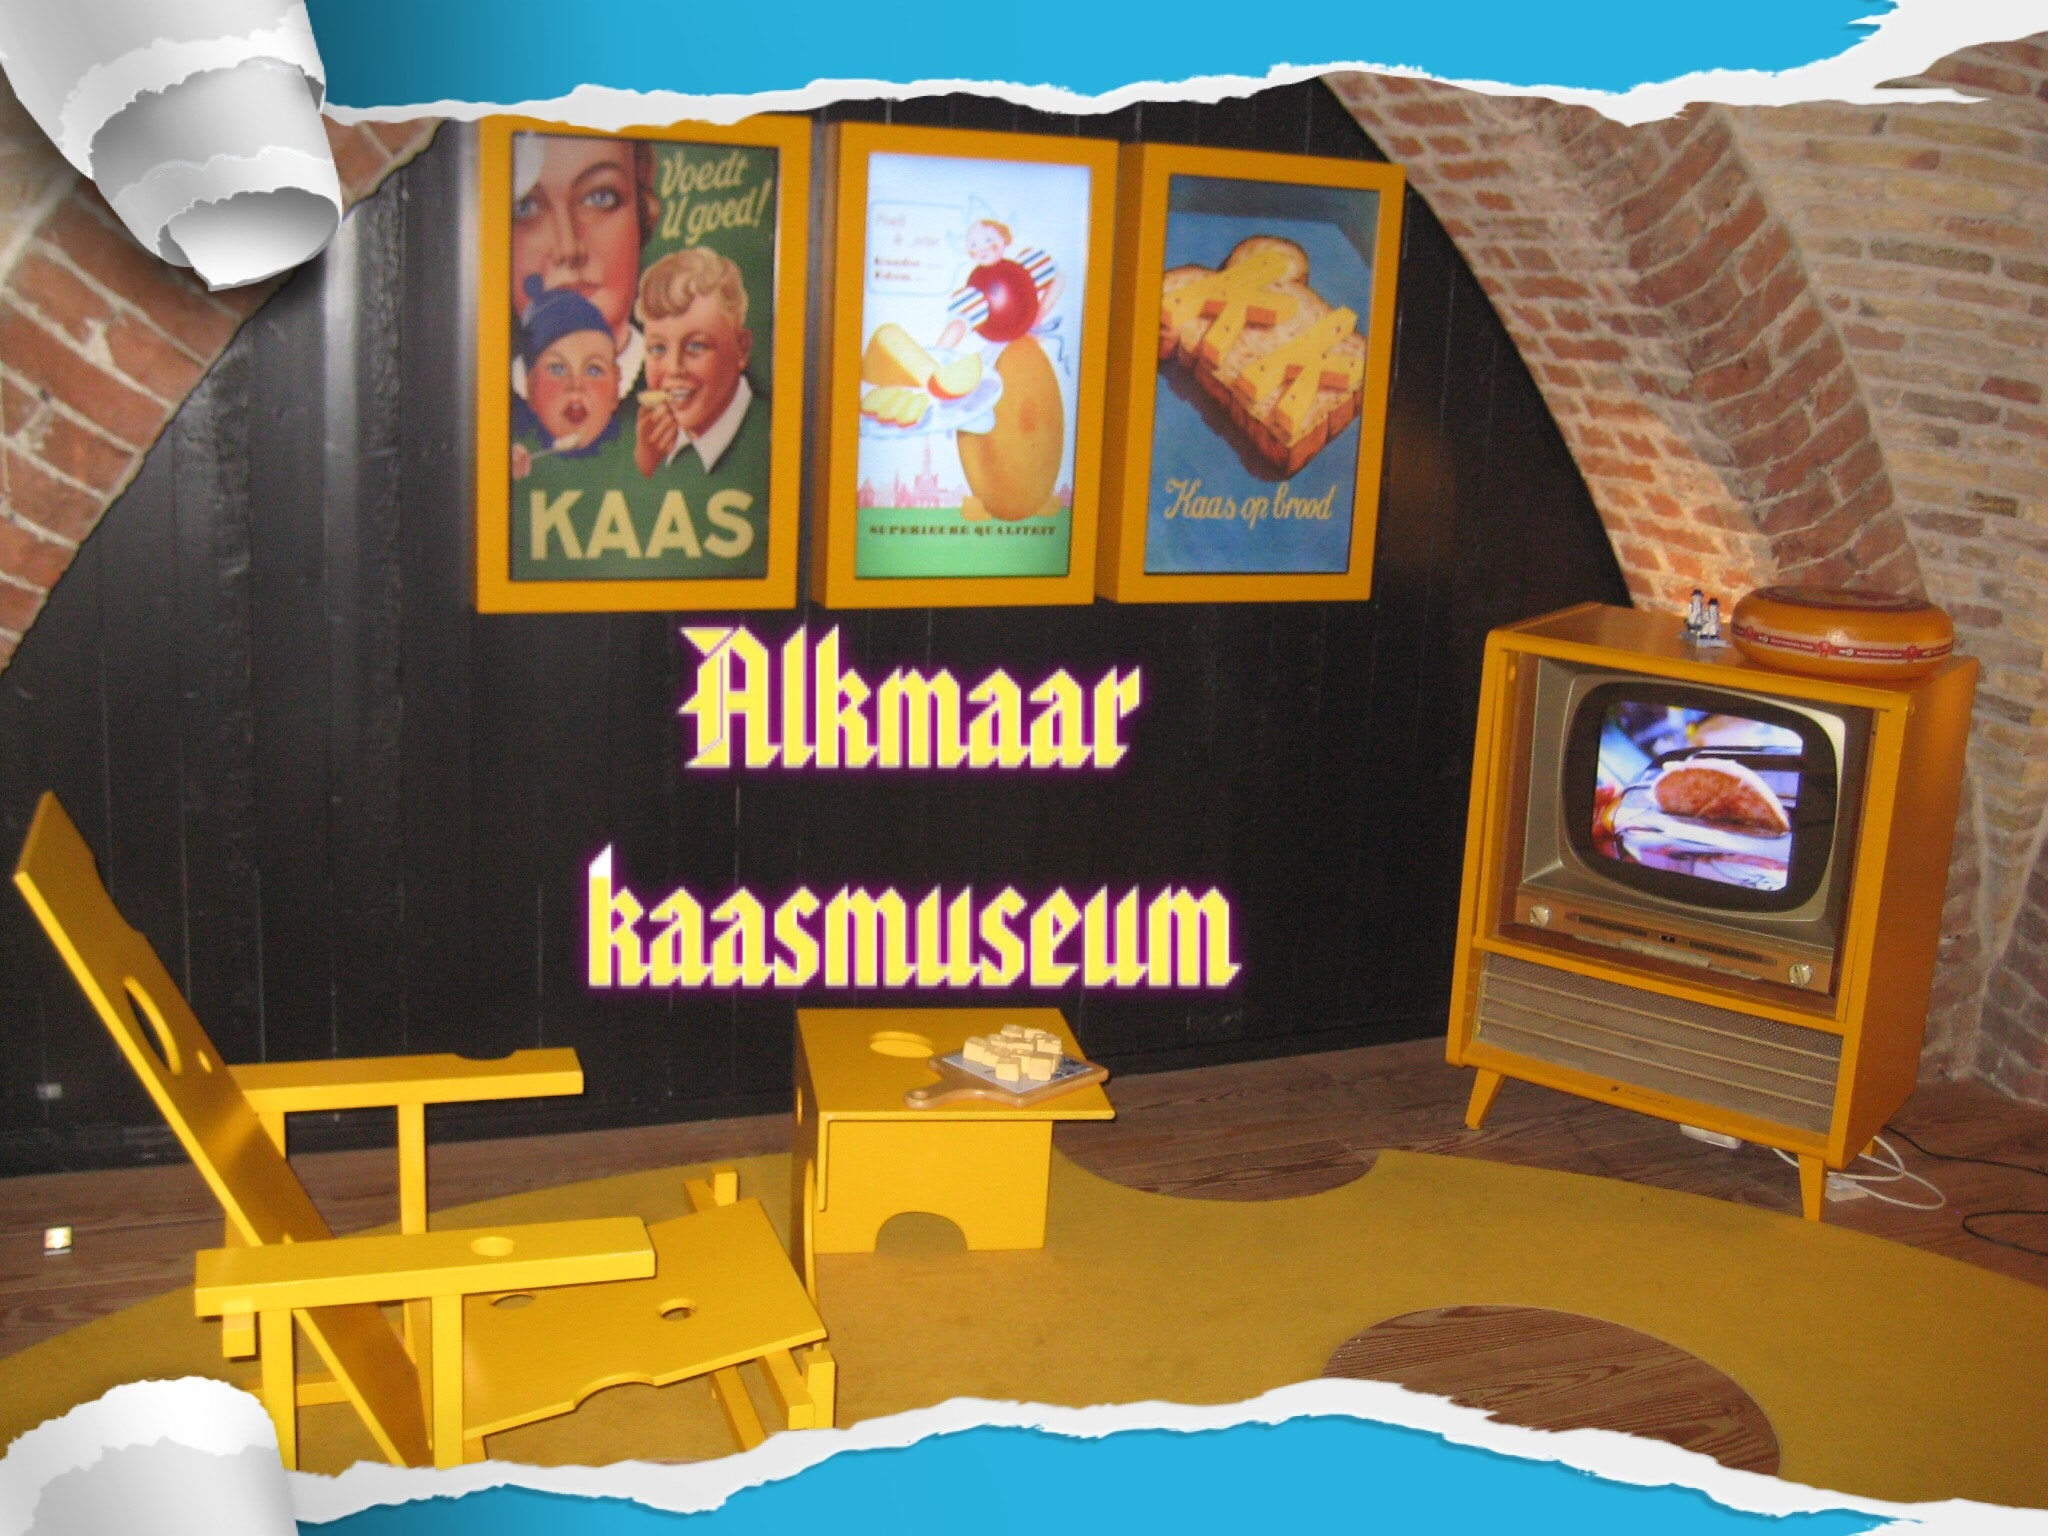 Kaasmuseum alkmaar